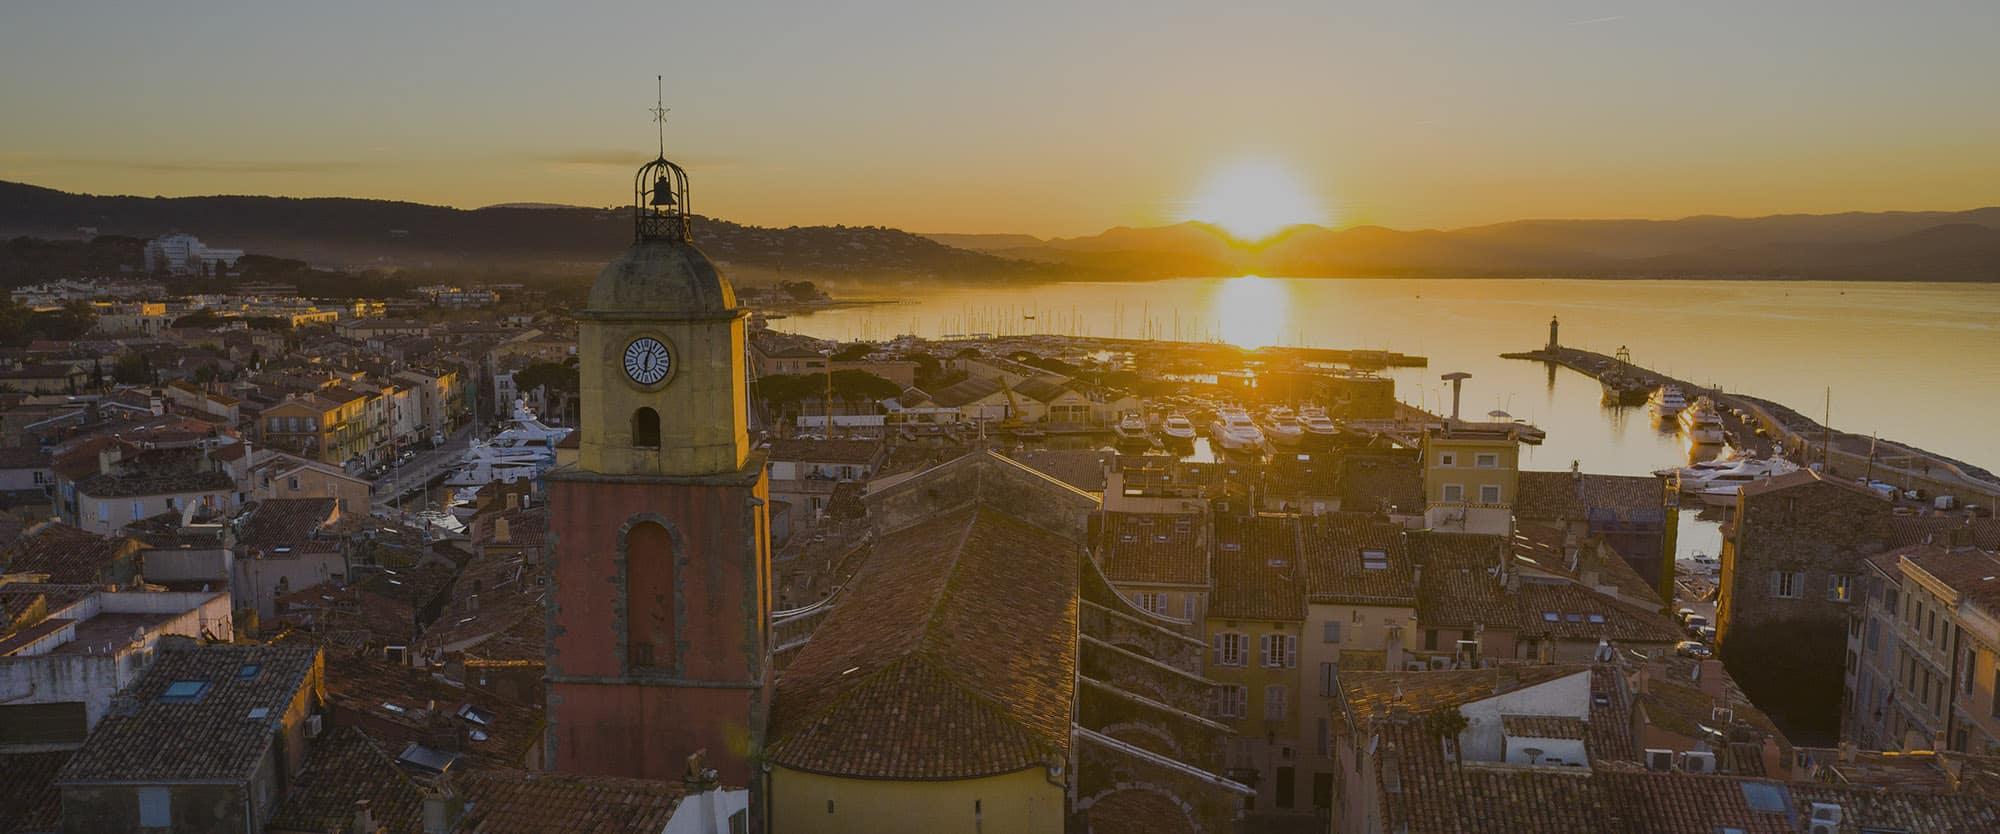 Vue aérienne du port de St Tropez, Côte d'Azur, France